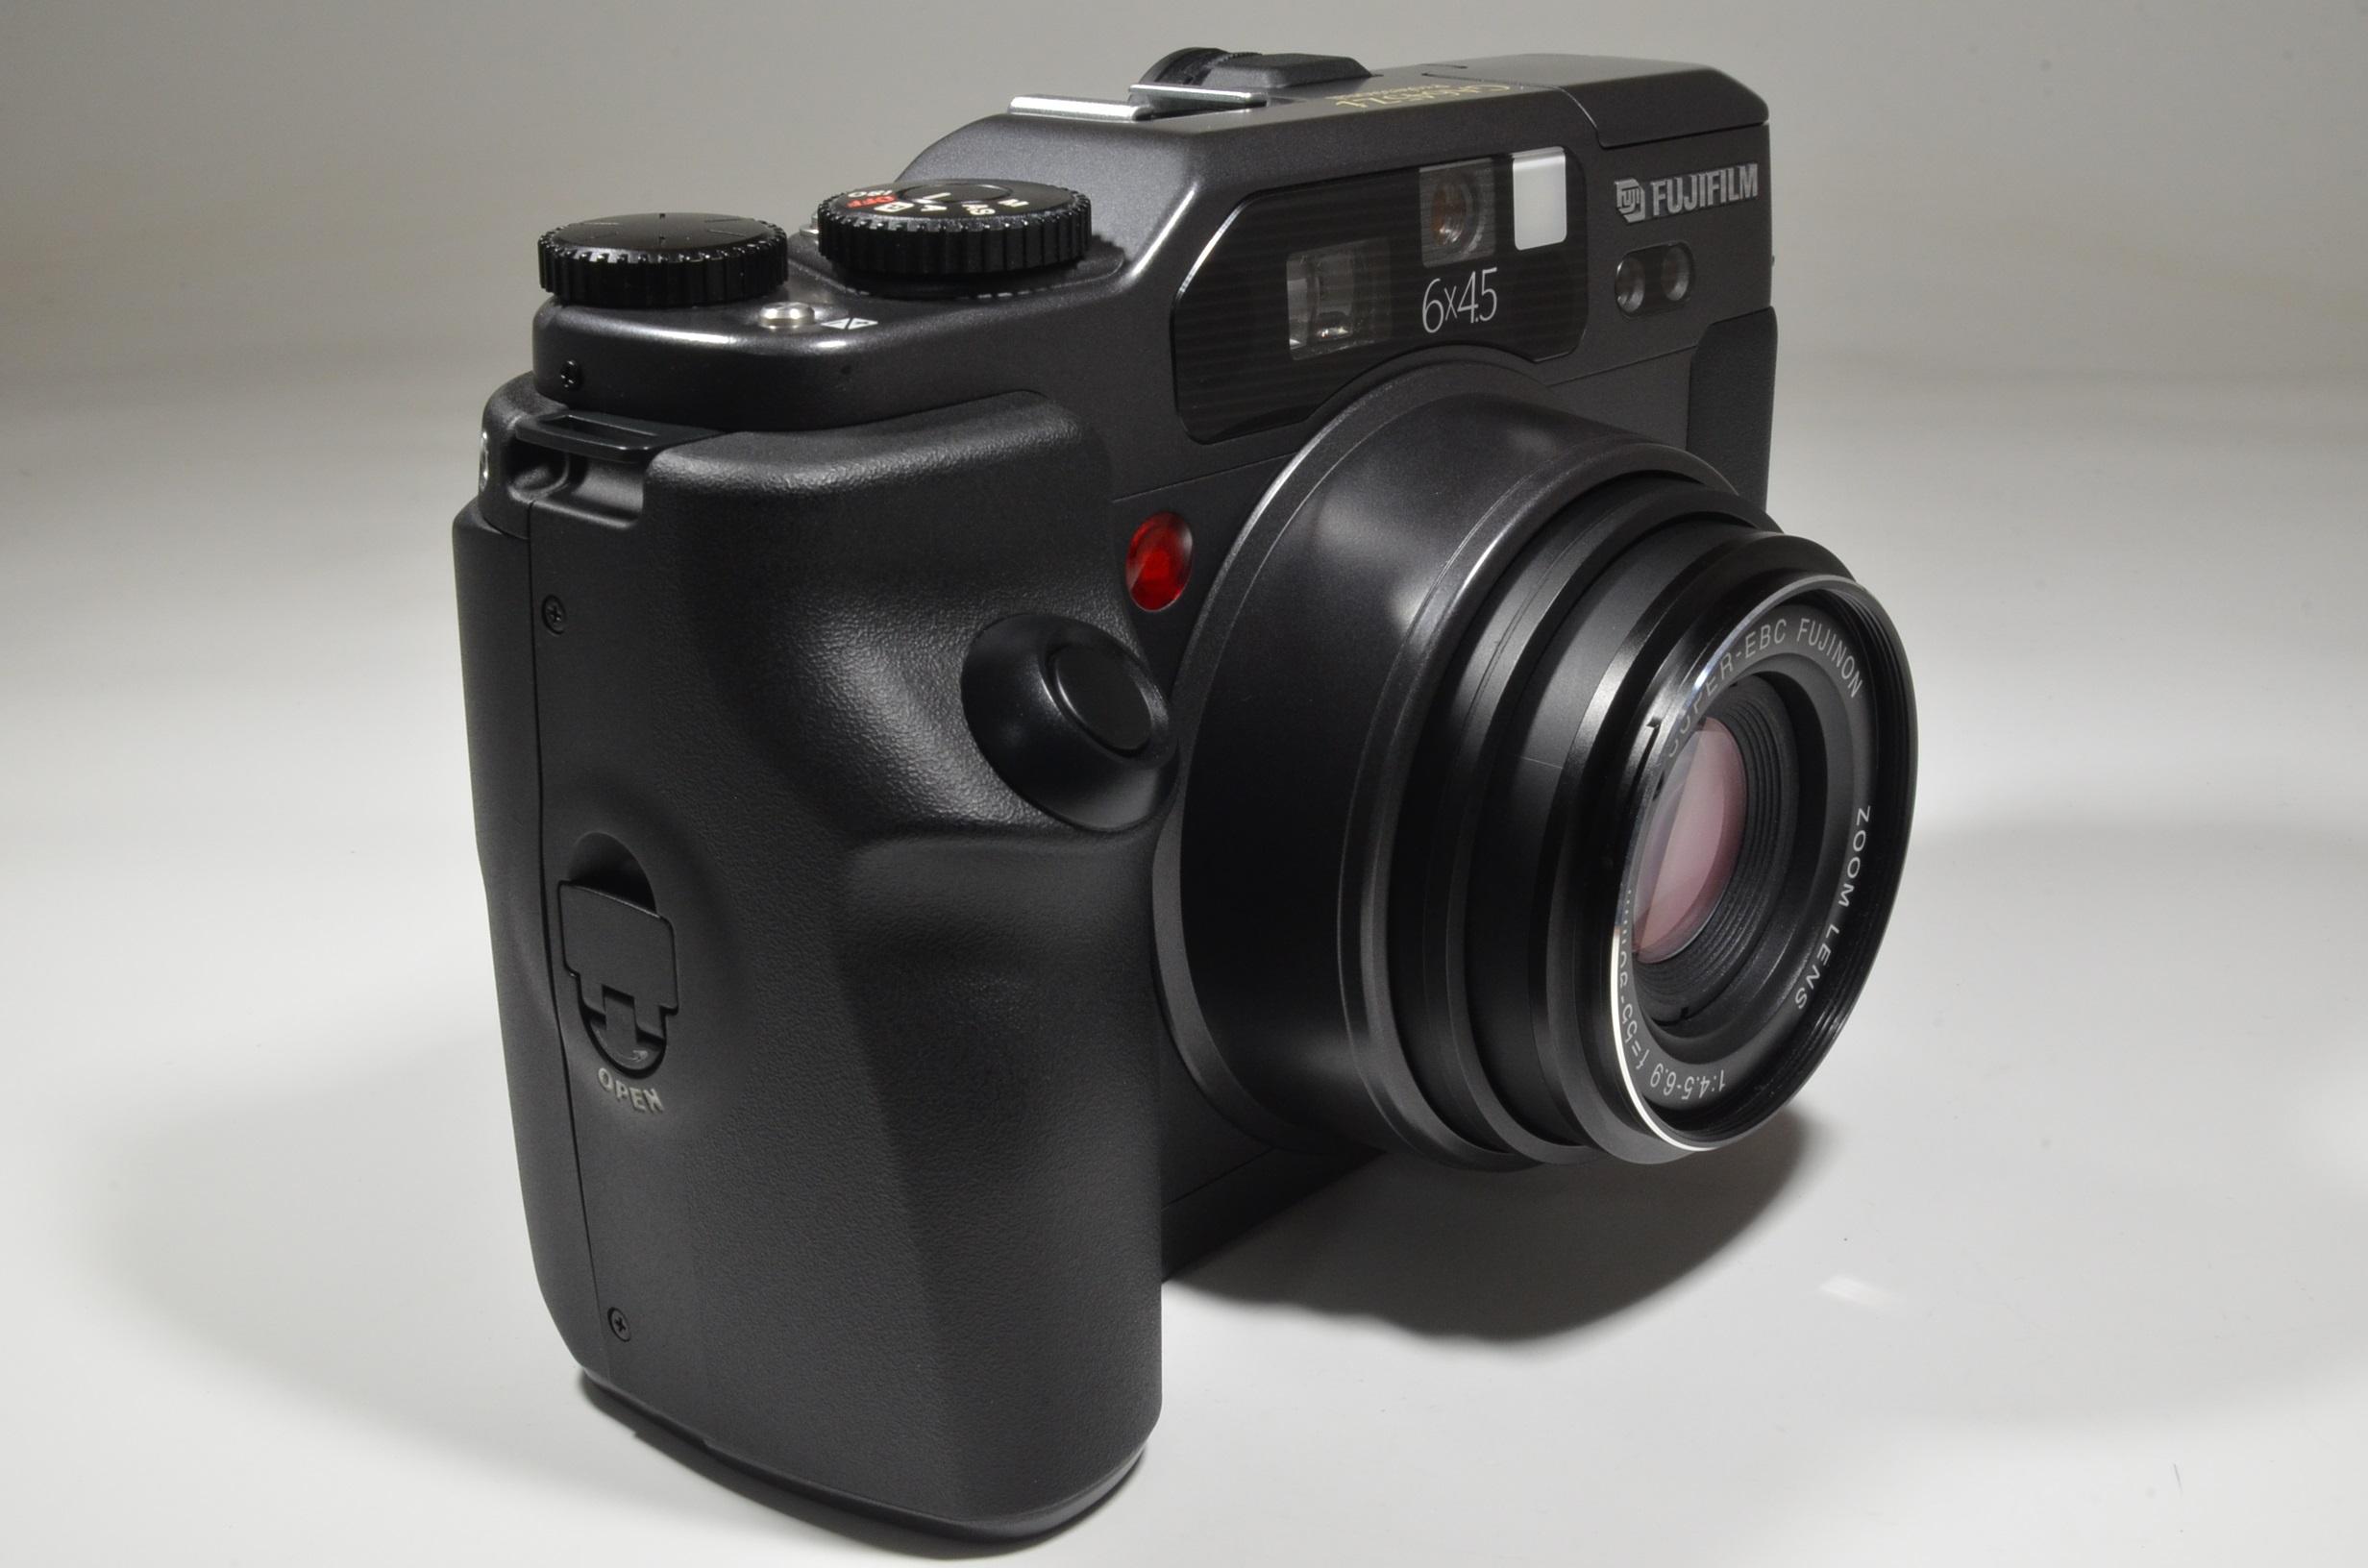 fujifilm ga645zi black zoom 55-90mm f4.5-6.9